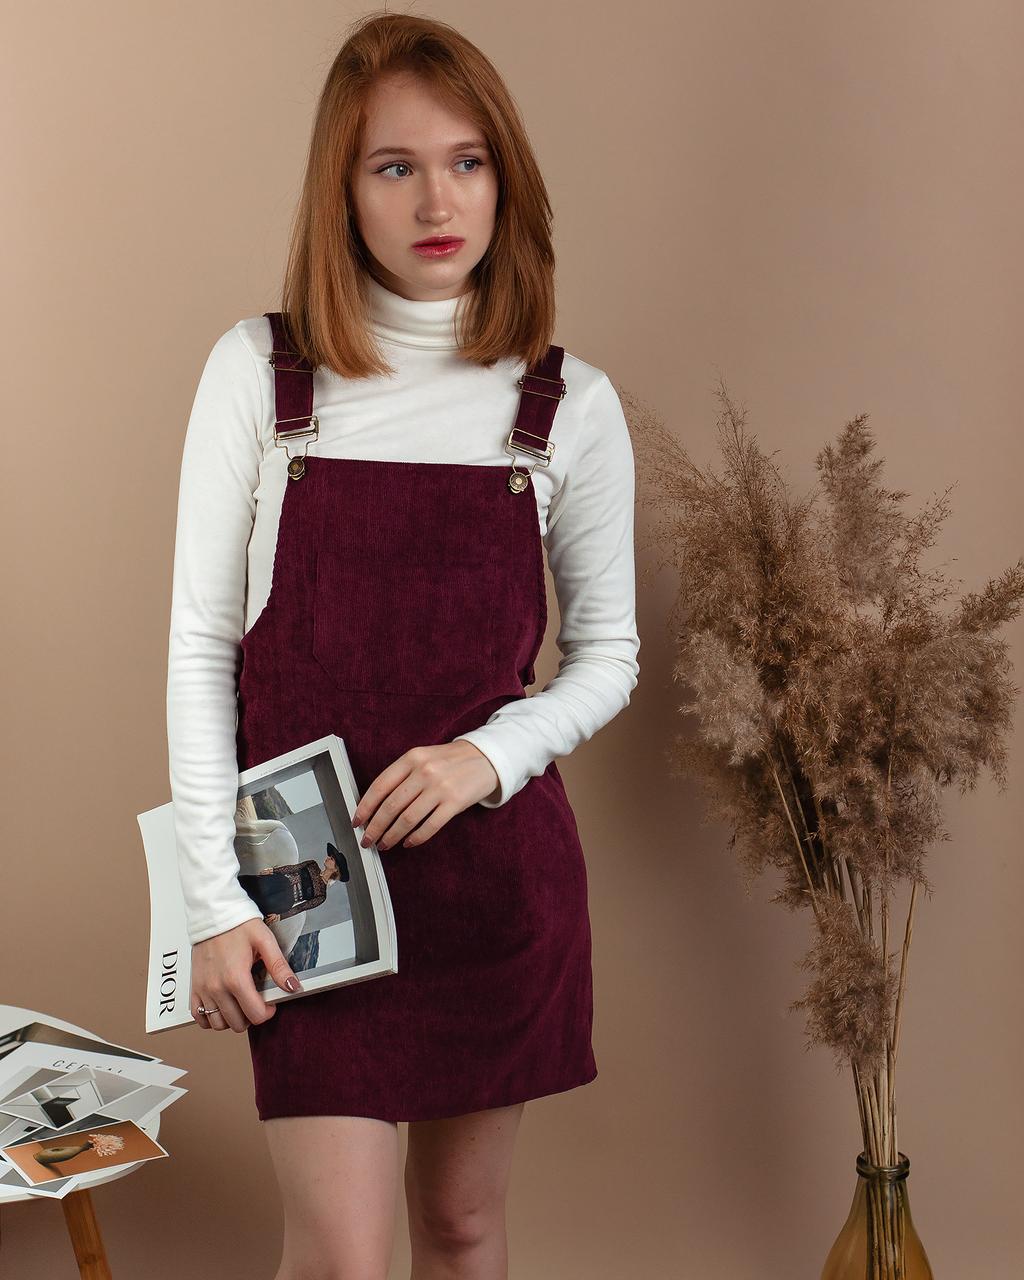 Стильный женский сарафан с карманами вельветовый велюровый бордовый винный